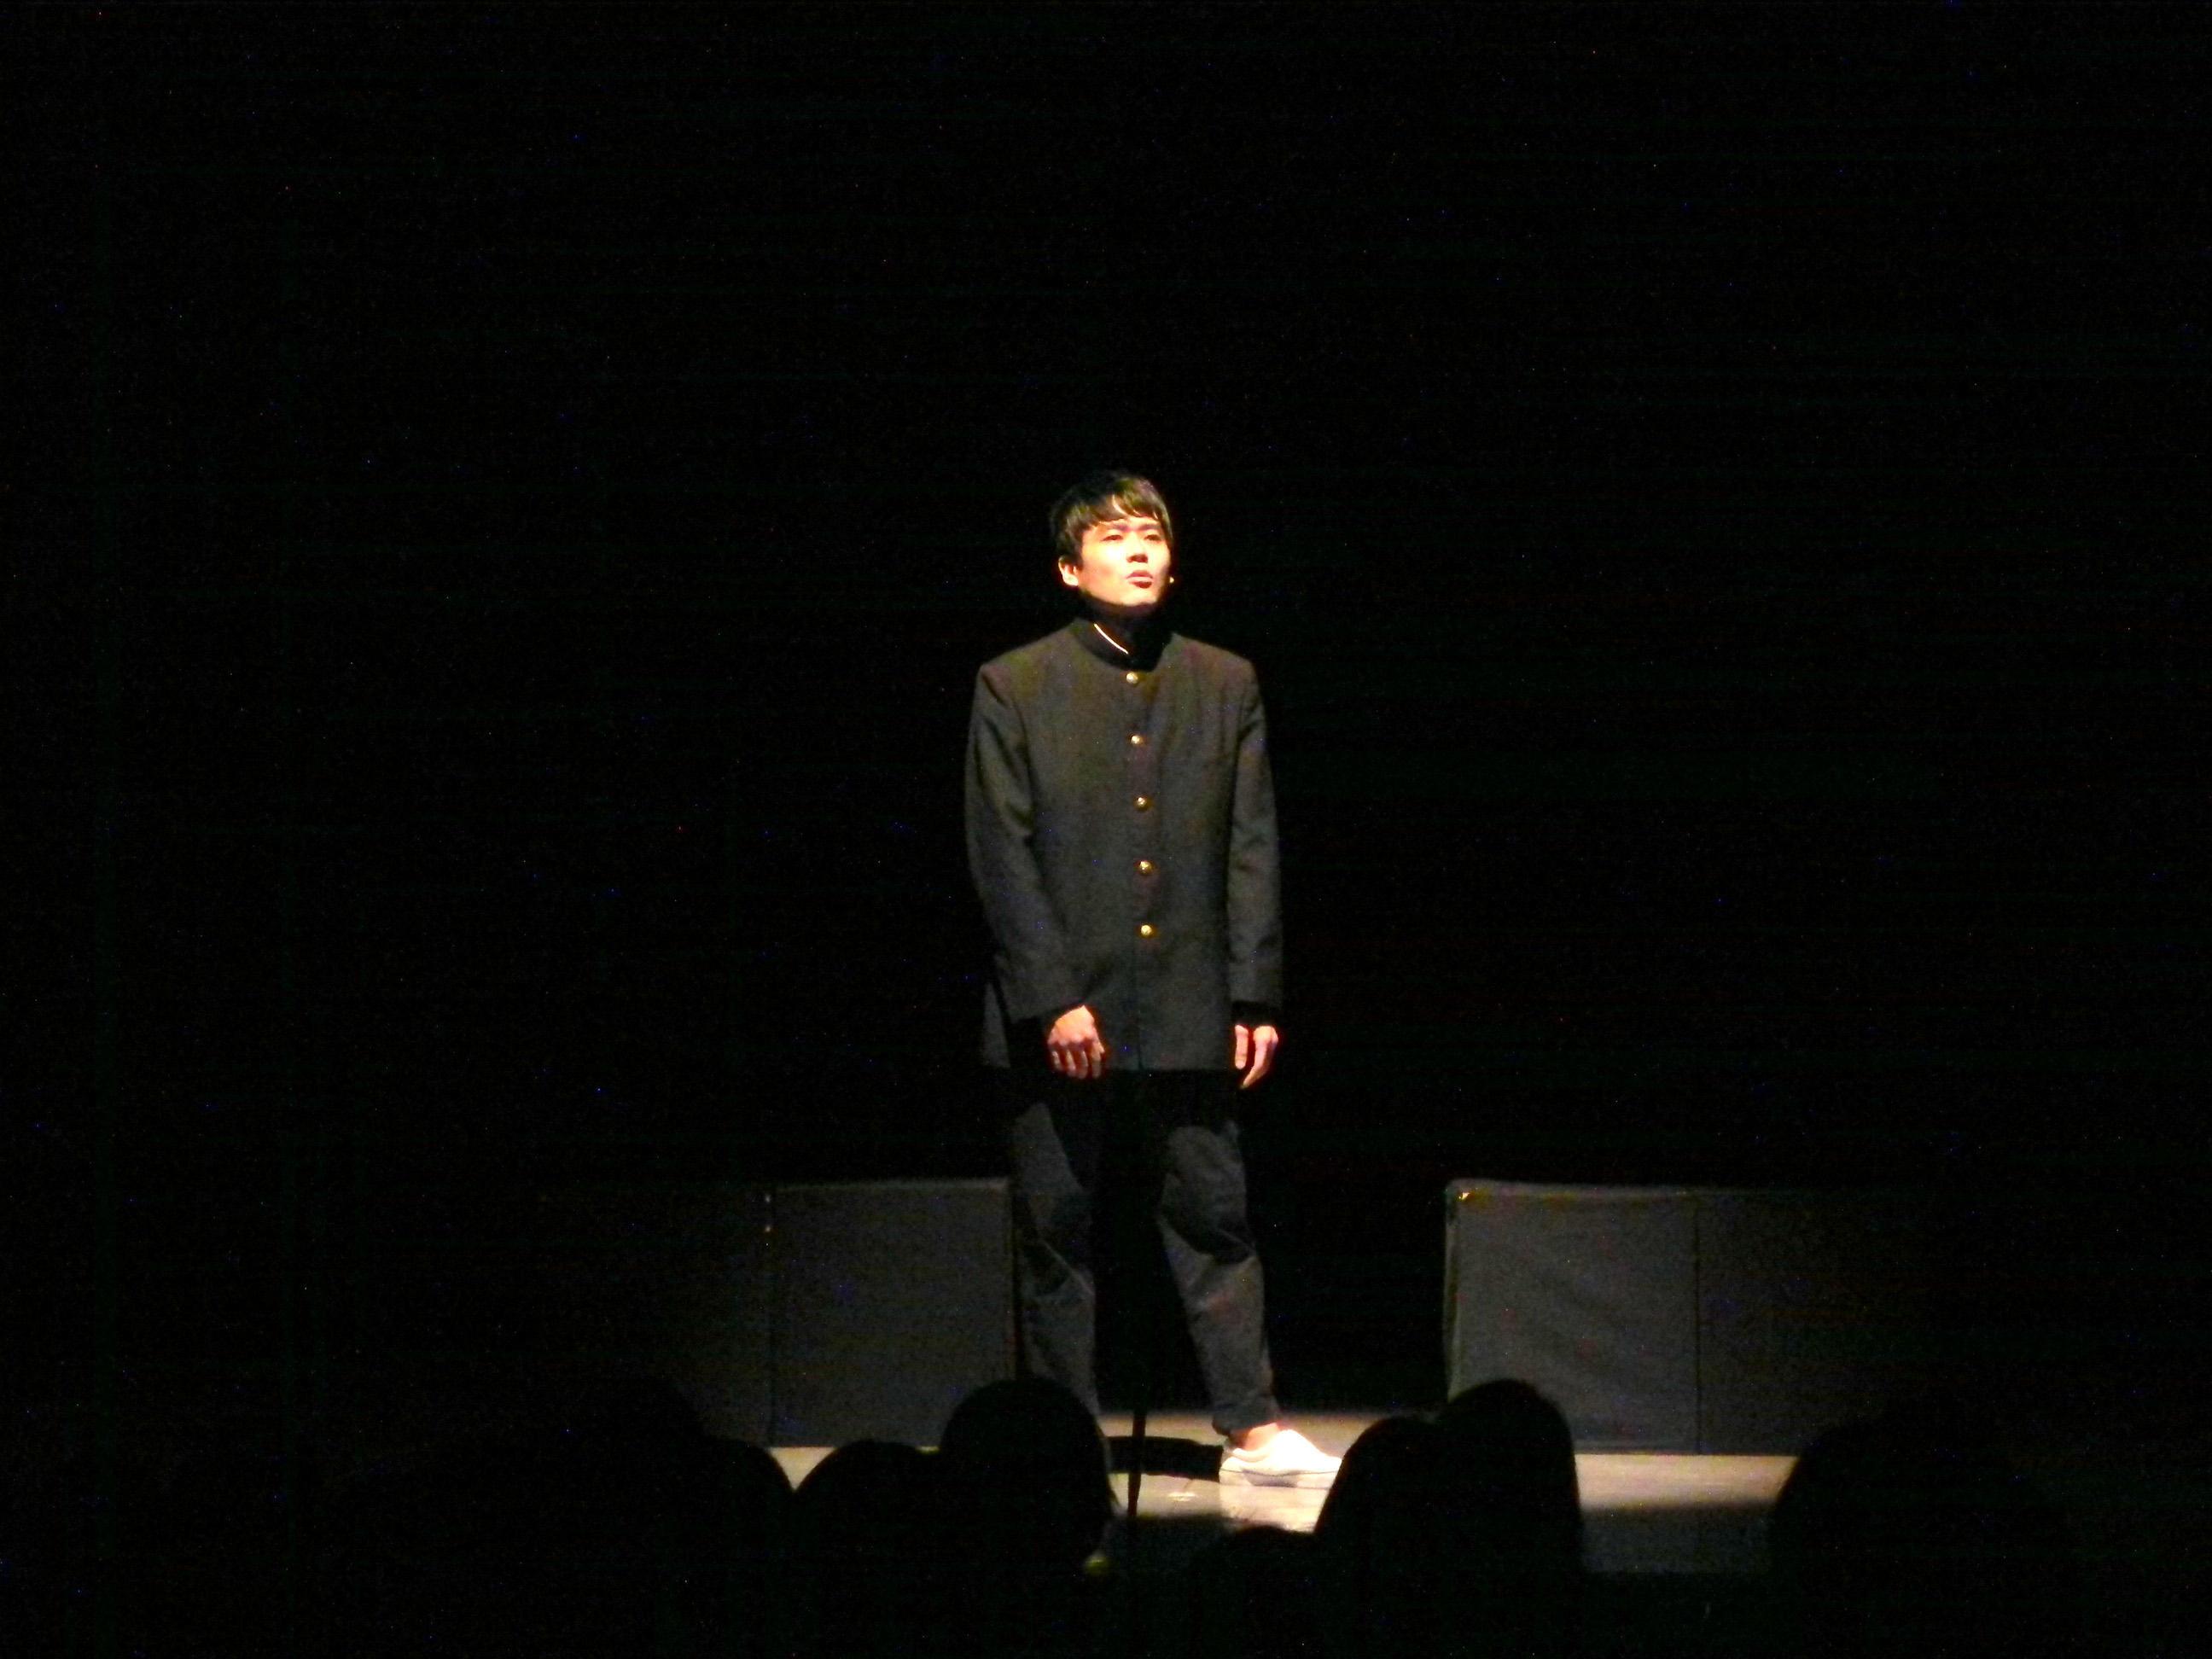 http://news.yoshimoto.co.jp/20170421205317-79bfe74d1d52e4d1ccf17c45a0d7d0c3d30ab322.jpg